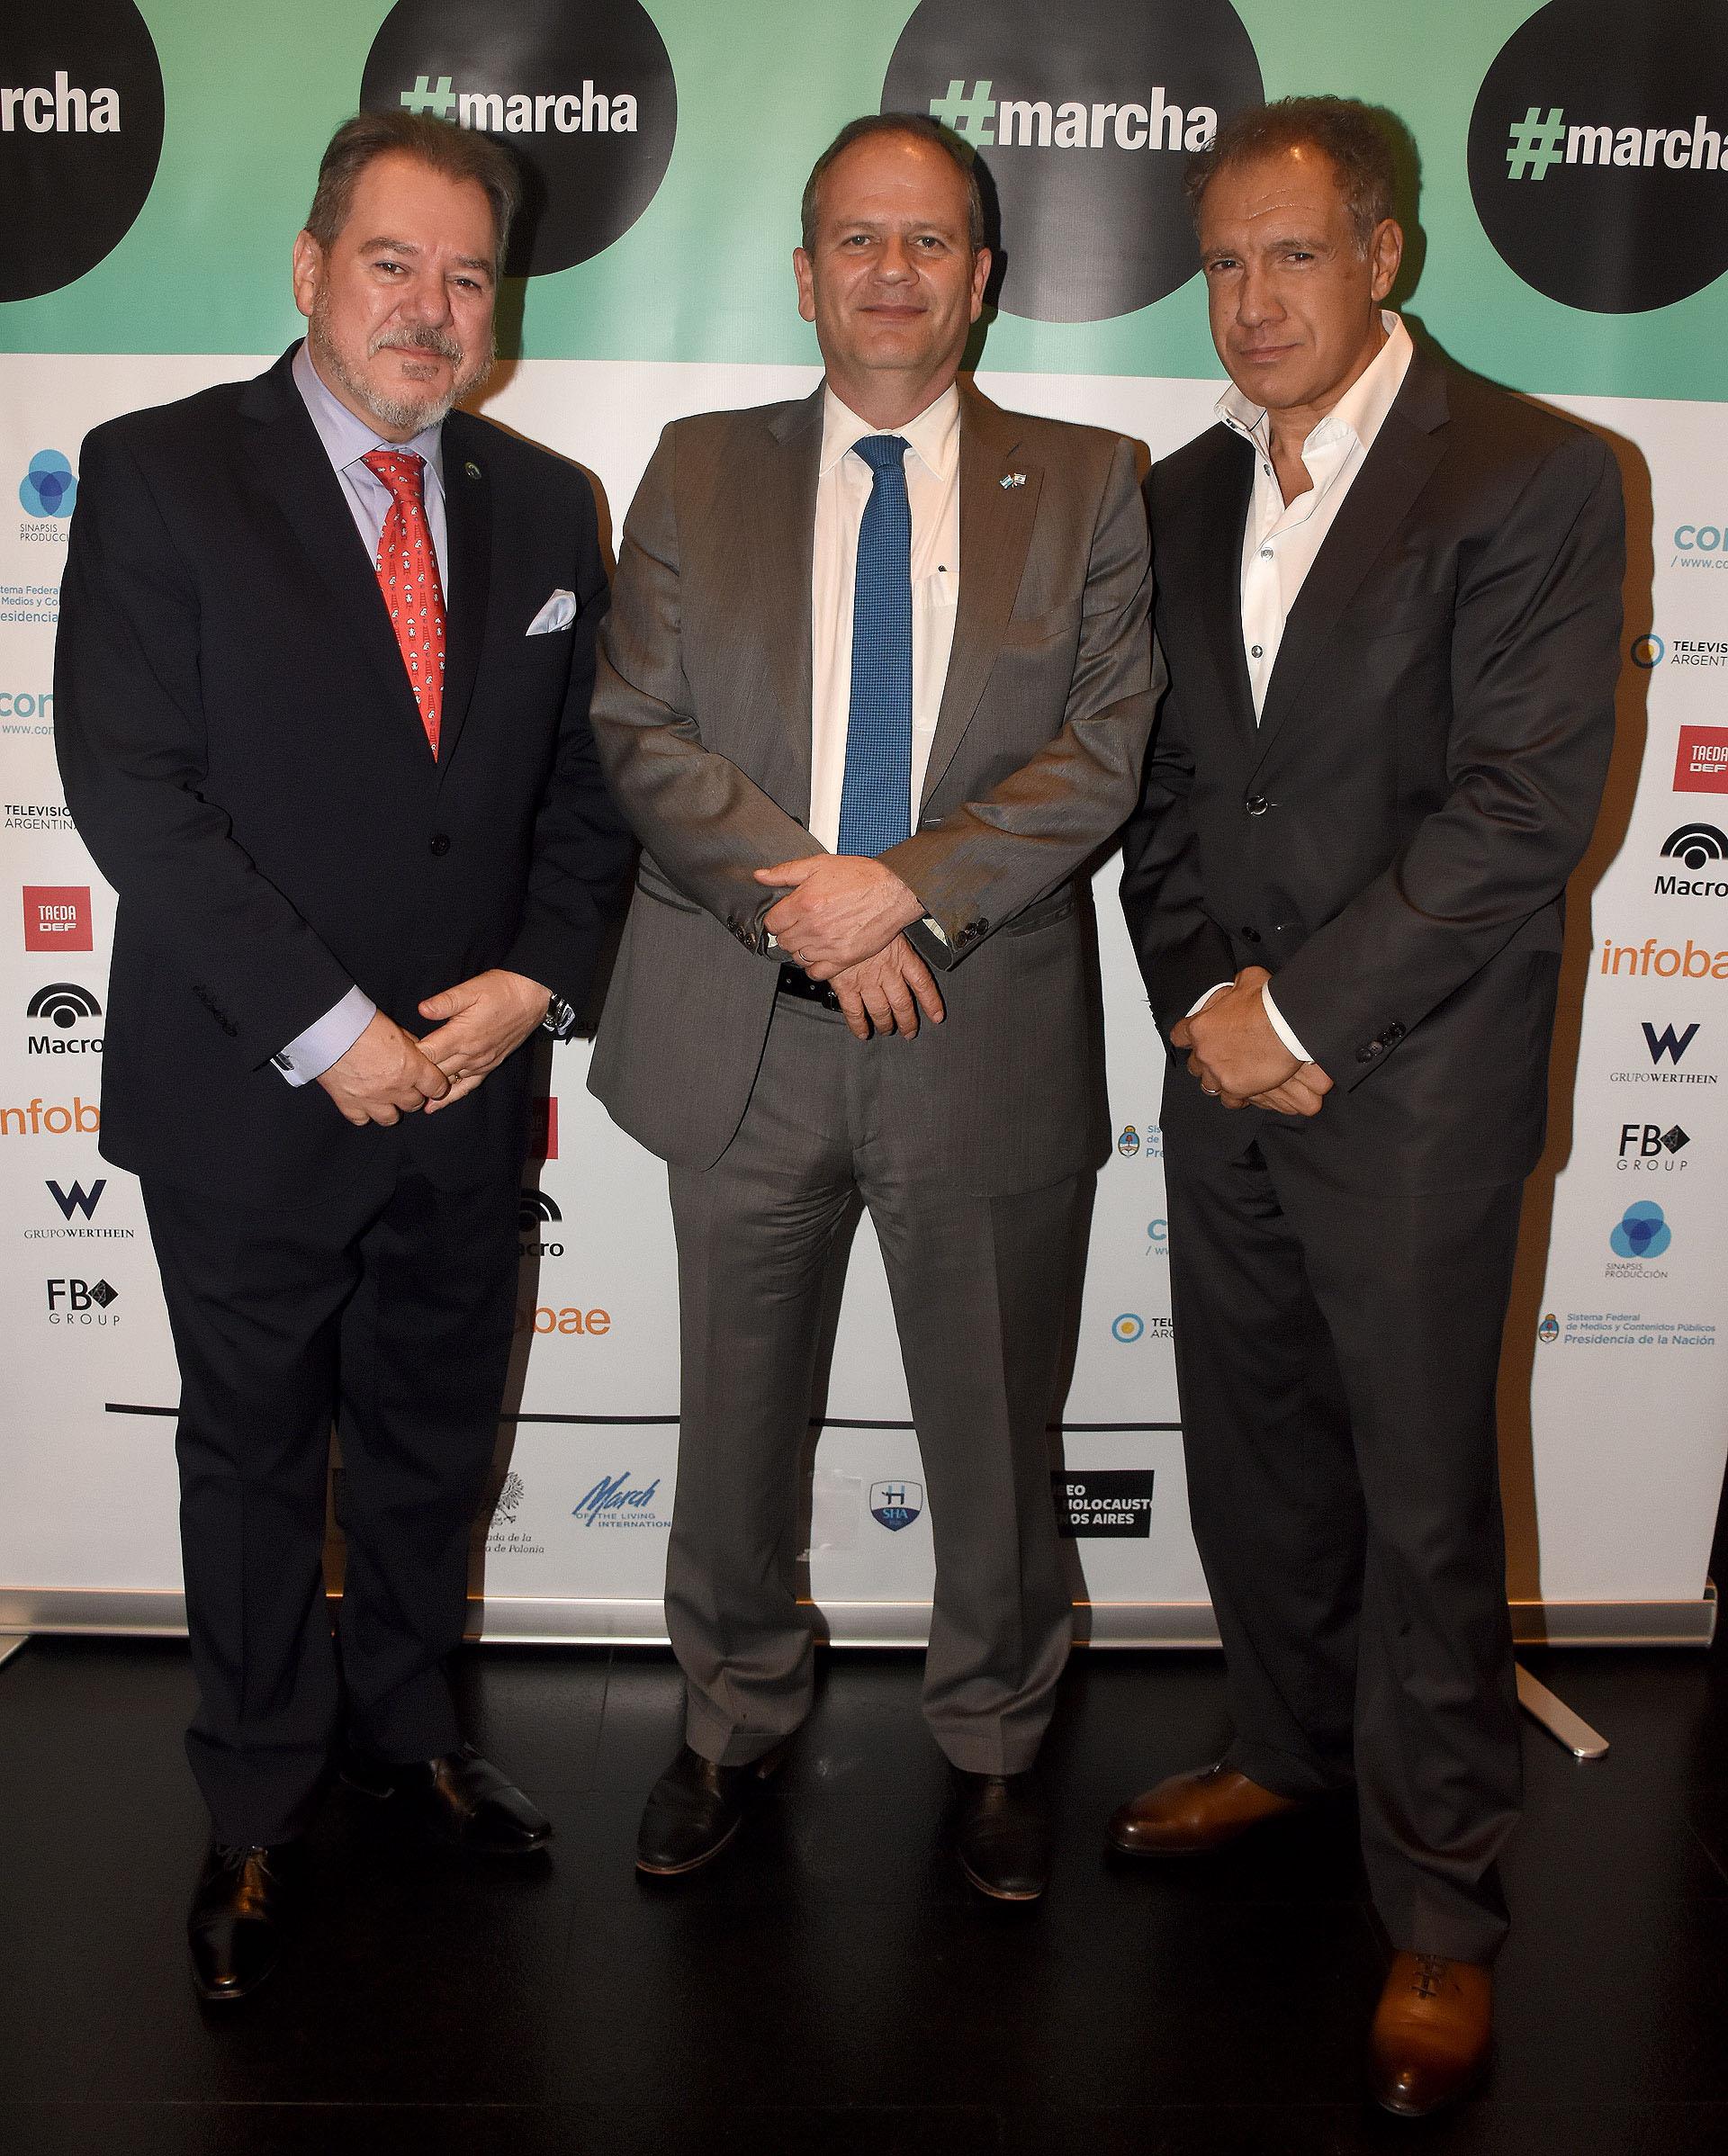 El empresario Mario Montoto; el embajador de Israel en la Argentina, Ilan Sztulman, y el fundador de Infobae, Daniel Hadad